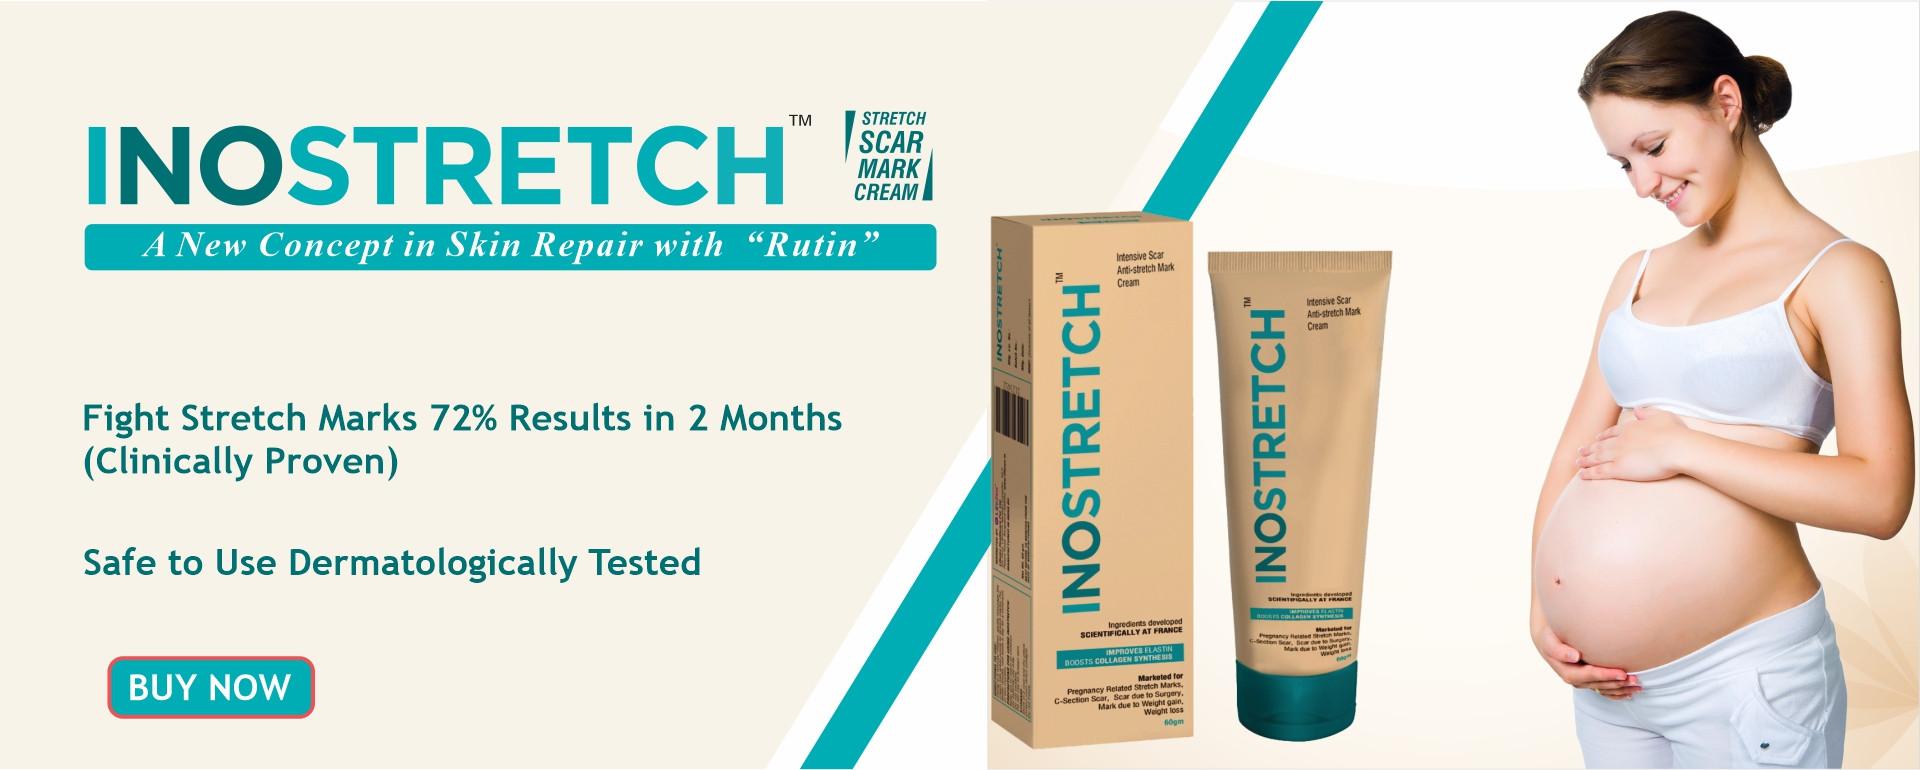 Inostretch Antistretch mark cream.jpg